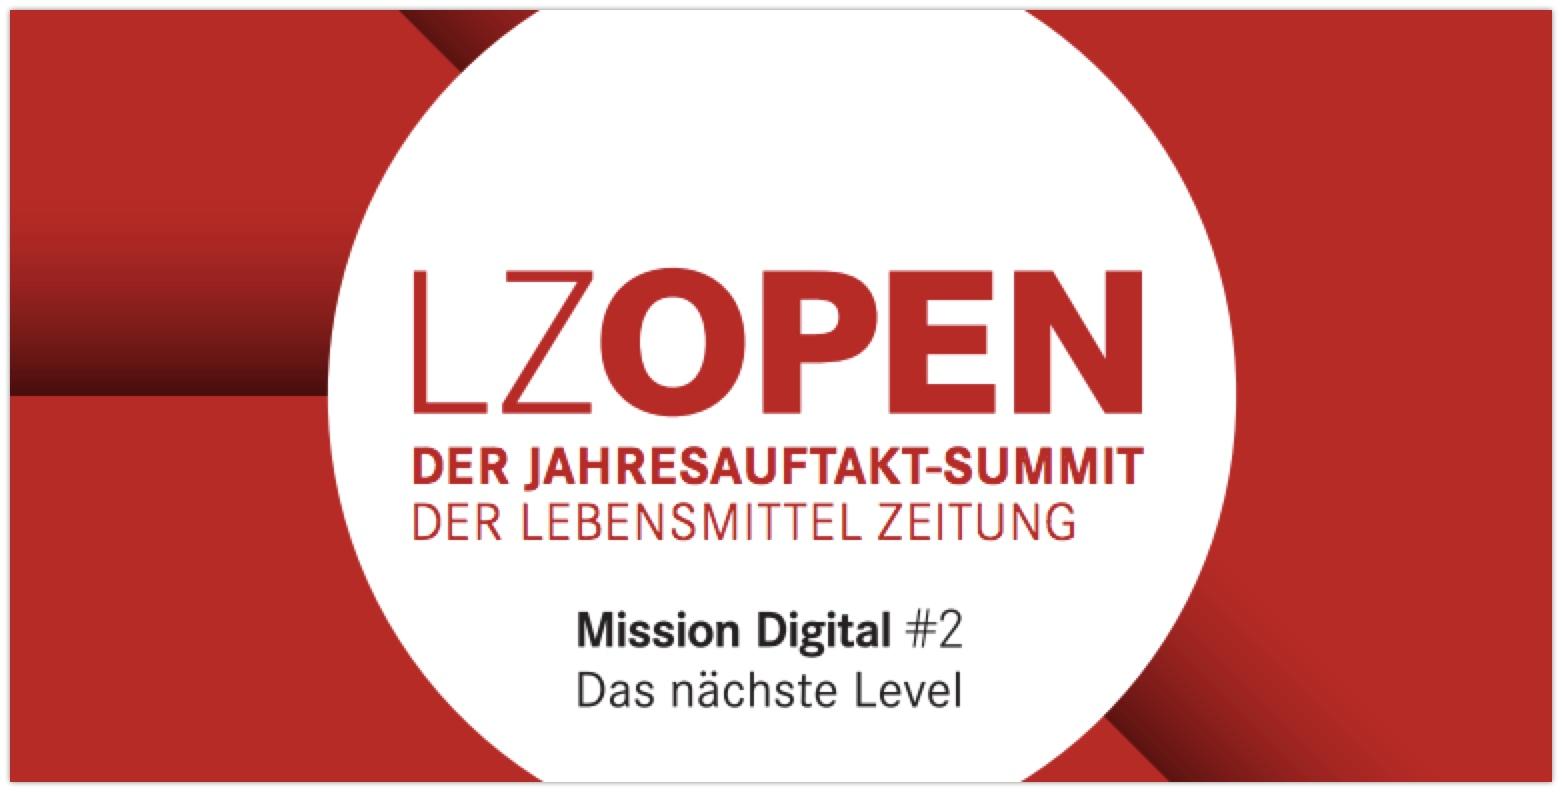 LZ Open 2019